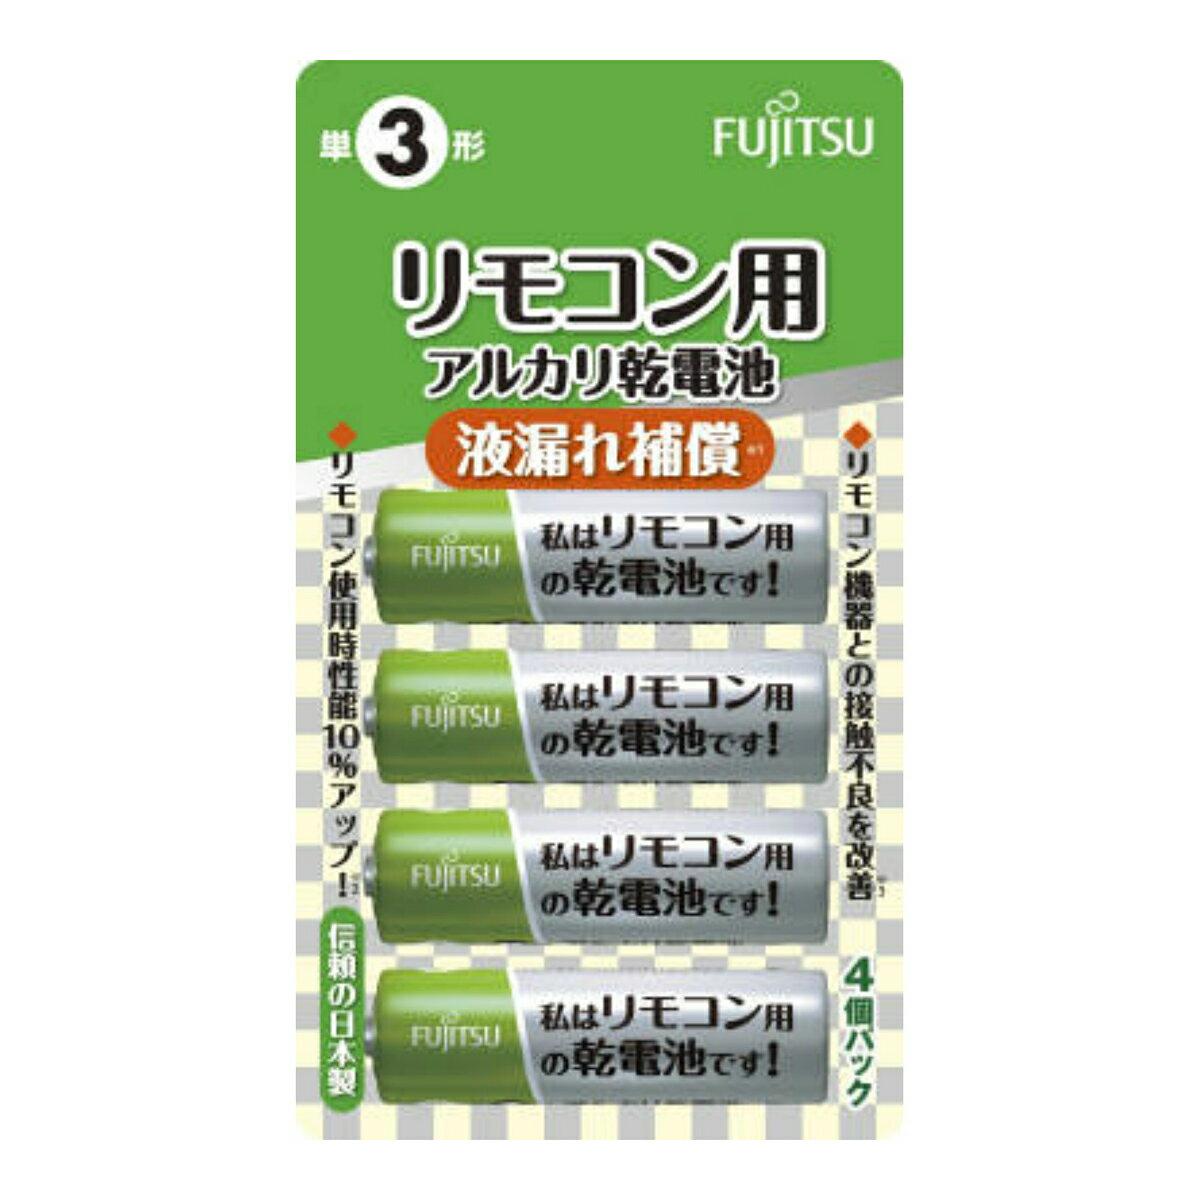 【勤労感謝の日セール!】 FDK 富士通 リモコン用 アルカリ単三電池 単3形×4個パック (アルカリ乾電池)( 4976680904500 )